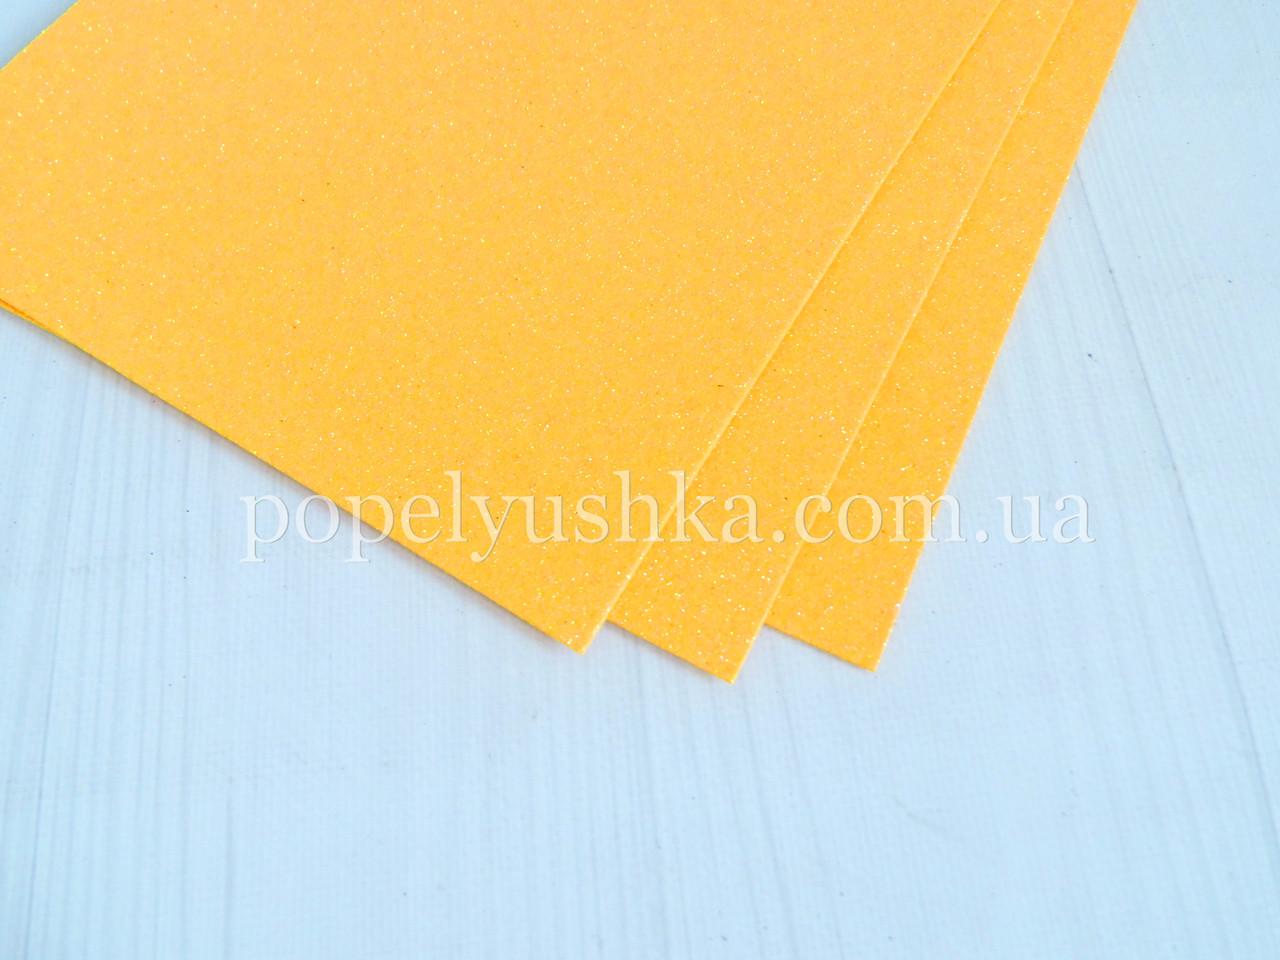 Фоам 2 мм 30 * 20 см насыщенно-желтый